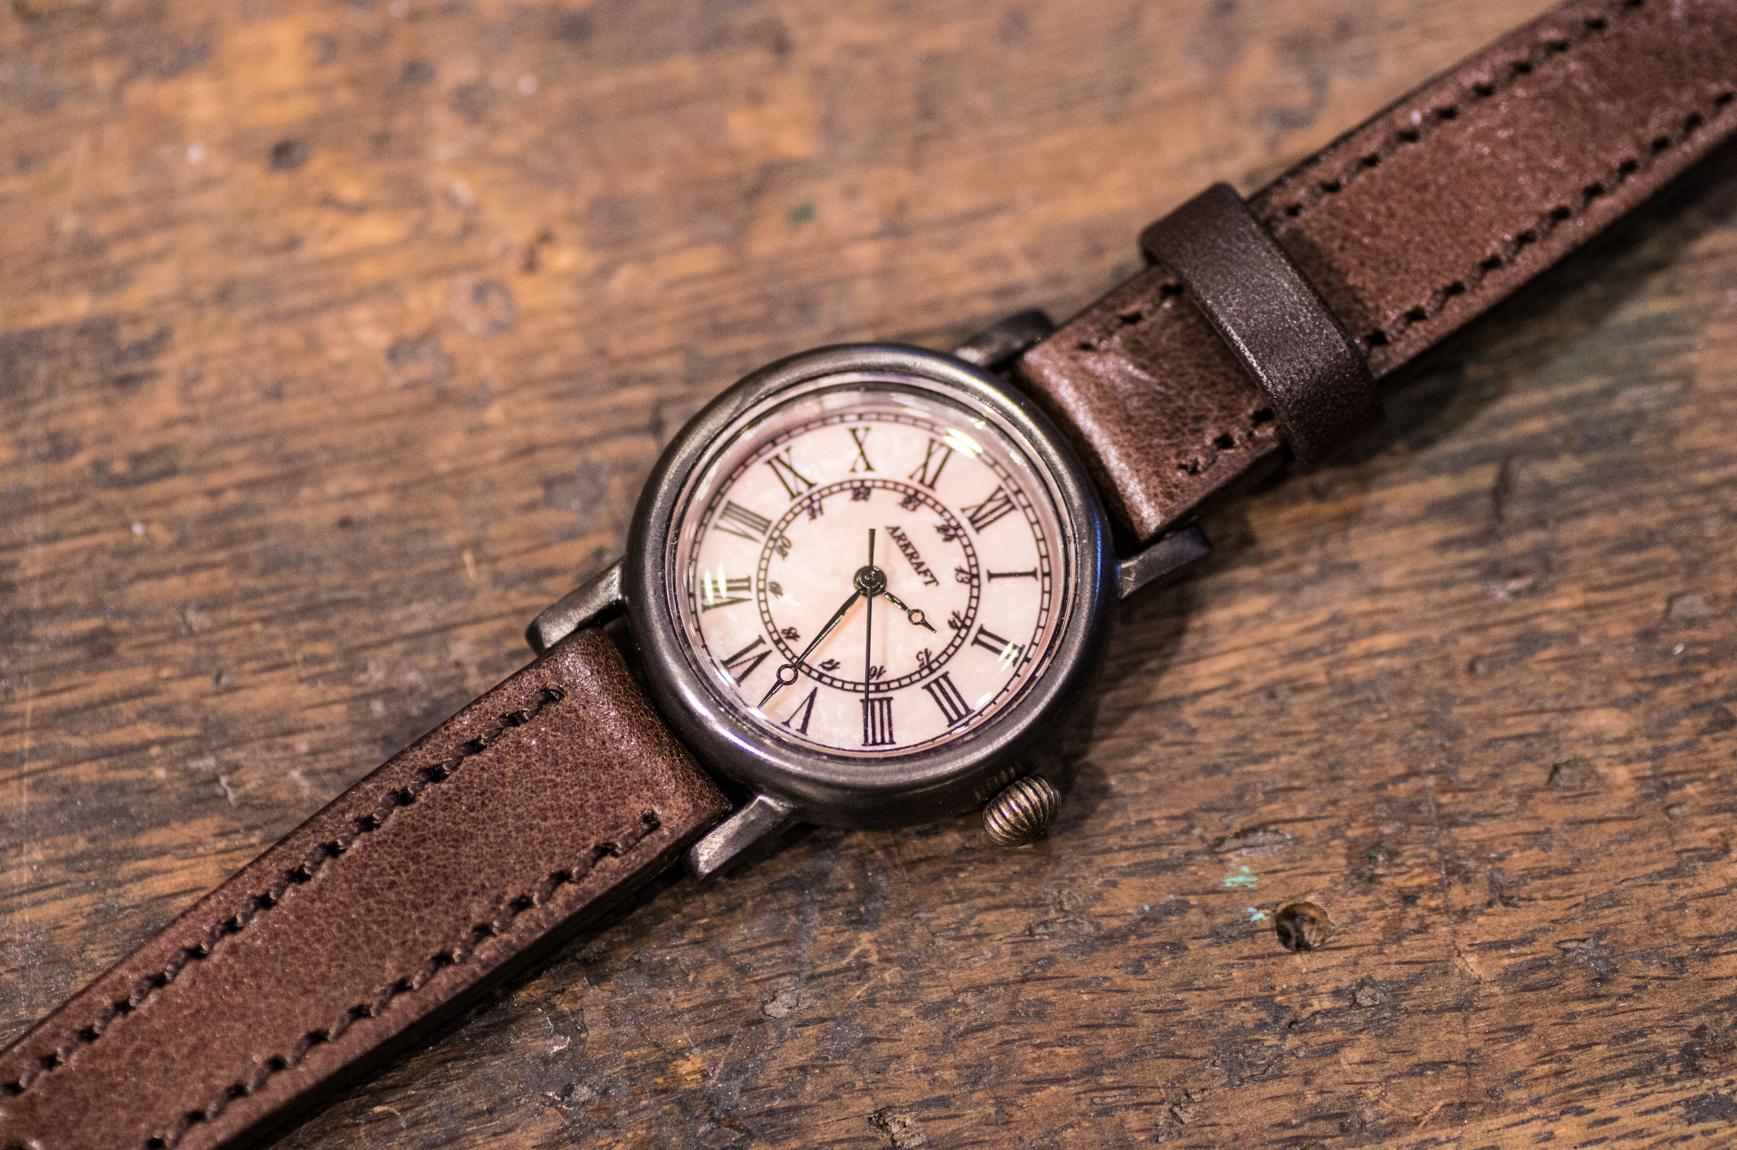 大人の女性が着けやすいピンクをテーマにした腕時計(Layla Small/店頭在庫品)